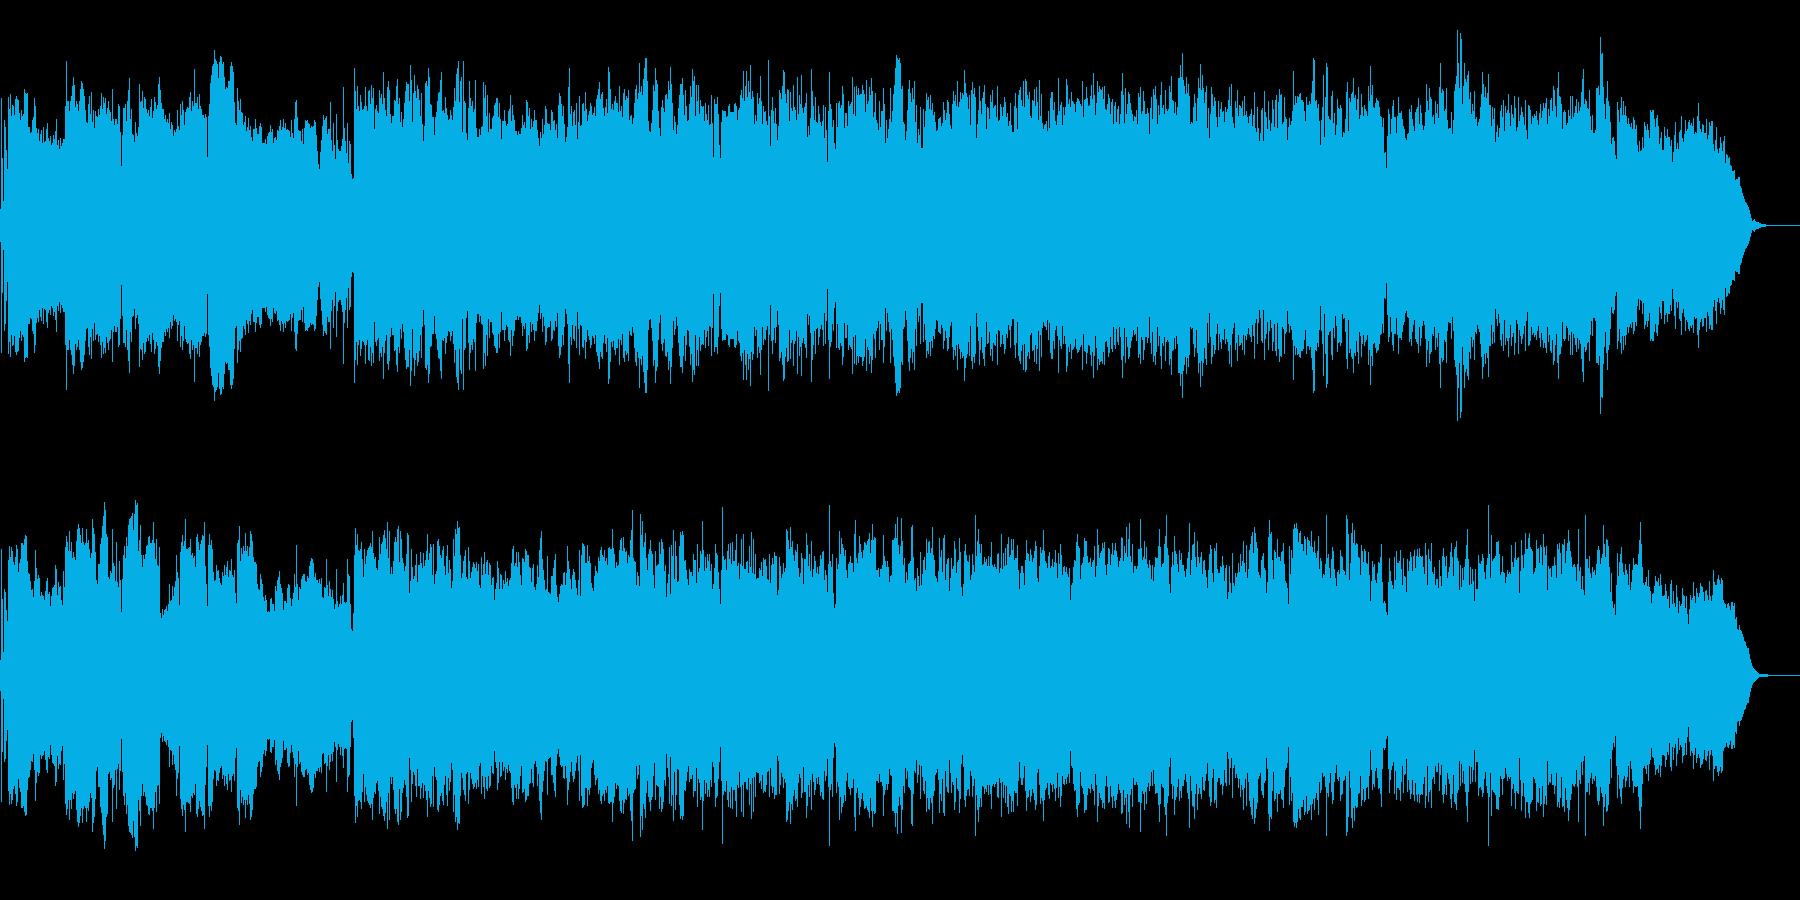 明るいバンドサウンドインスト曲の再生済みの波形